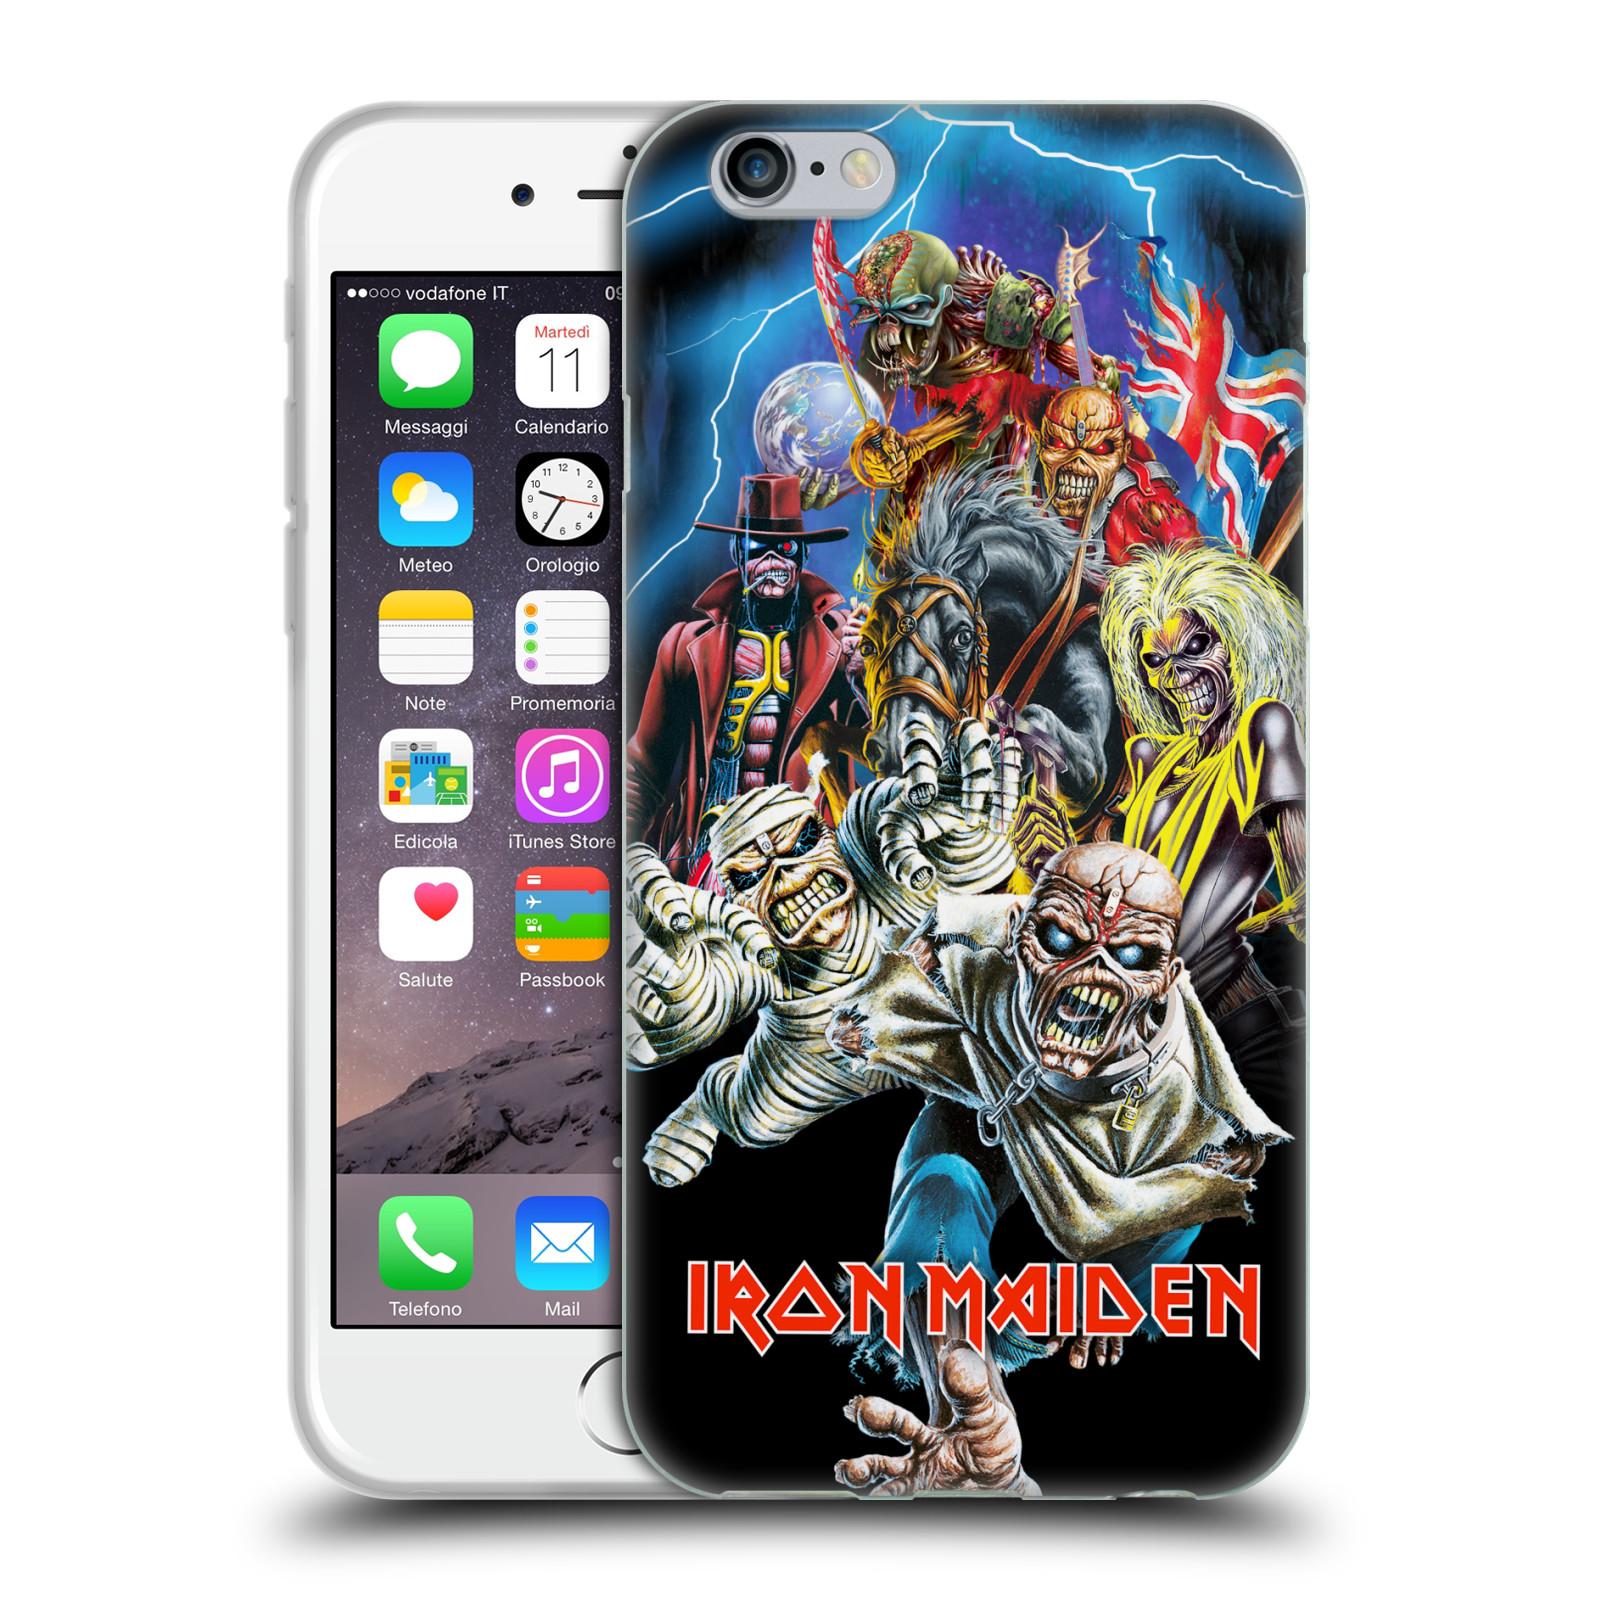 Silikonové pouzdro na mobil Apple iPhone 6 HEAD CASE - Iron Maiden - Best Of Beast (Silikonový kryt či obal na mobilní telefon s licencovaným motivem Iron Maiden Apple iPhone 6)